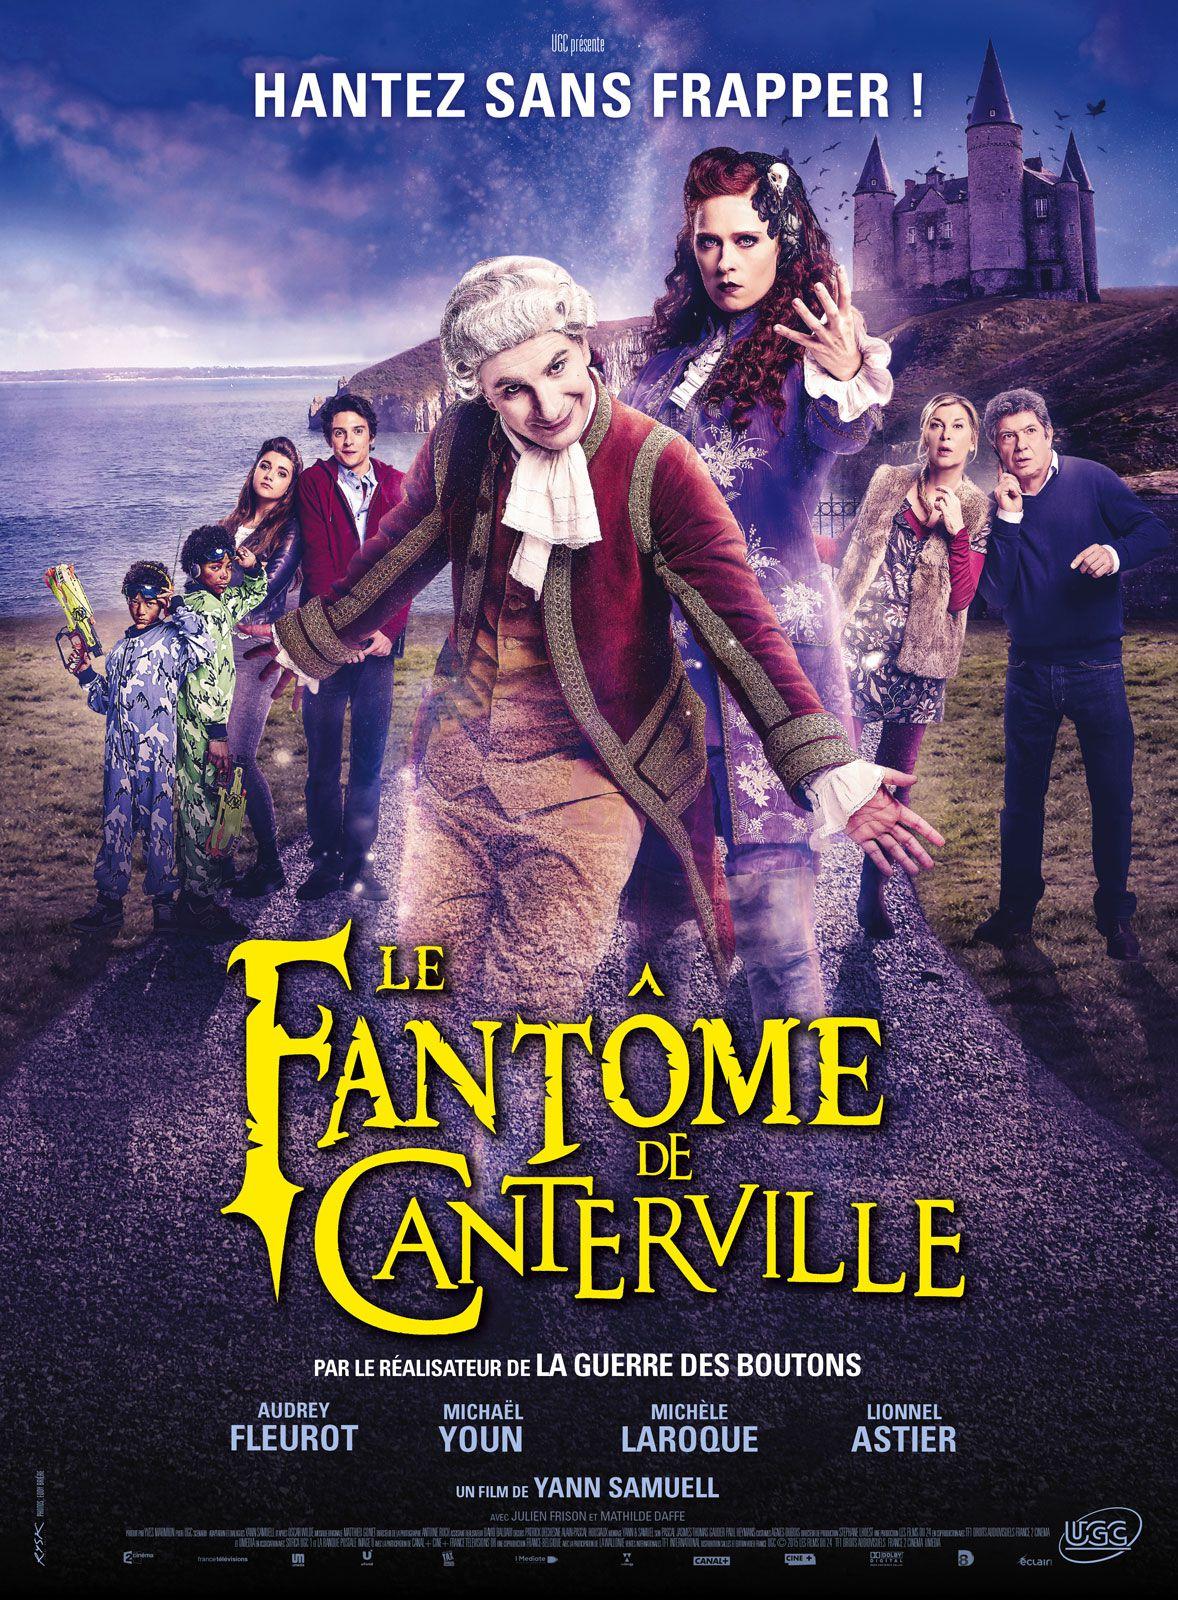 Le Fantôme de Canterville - Film (2016)